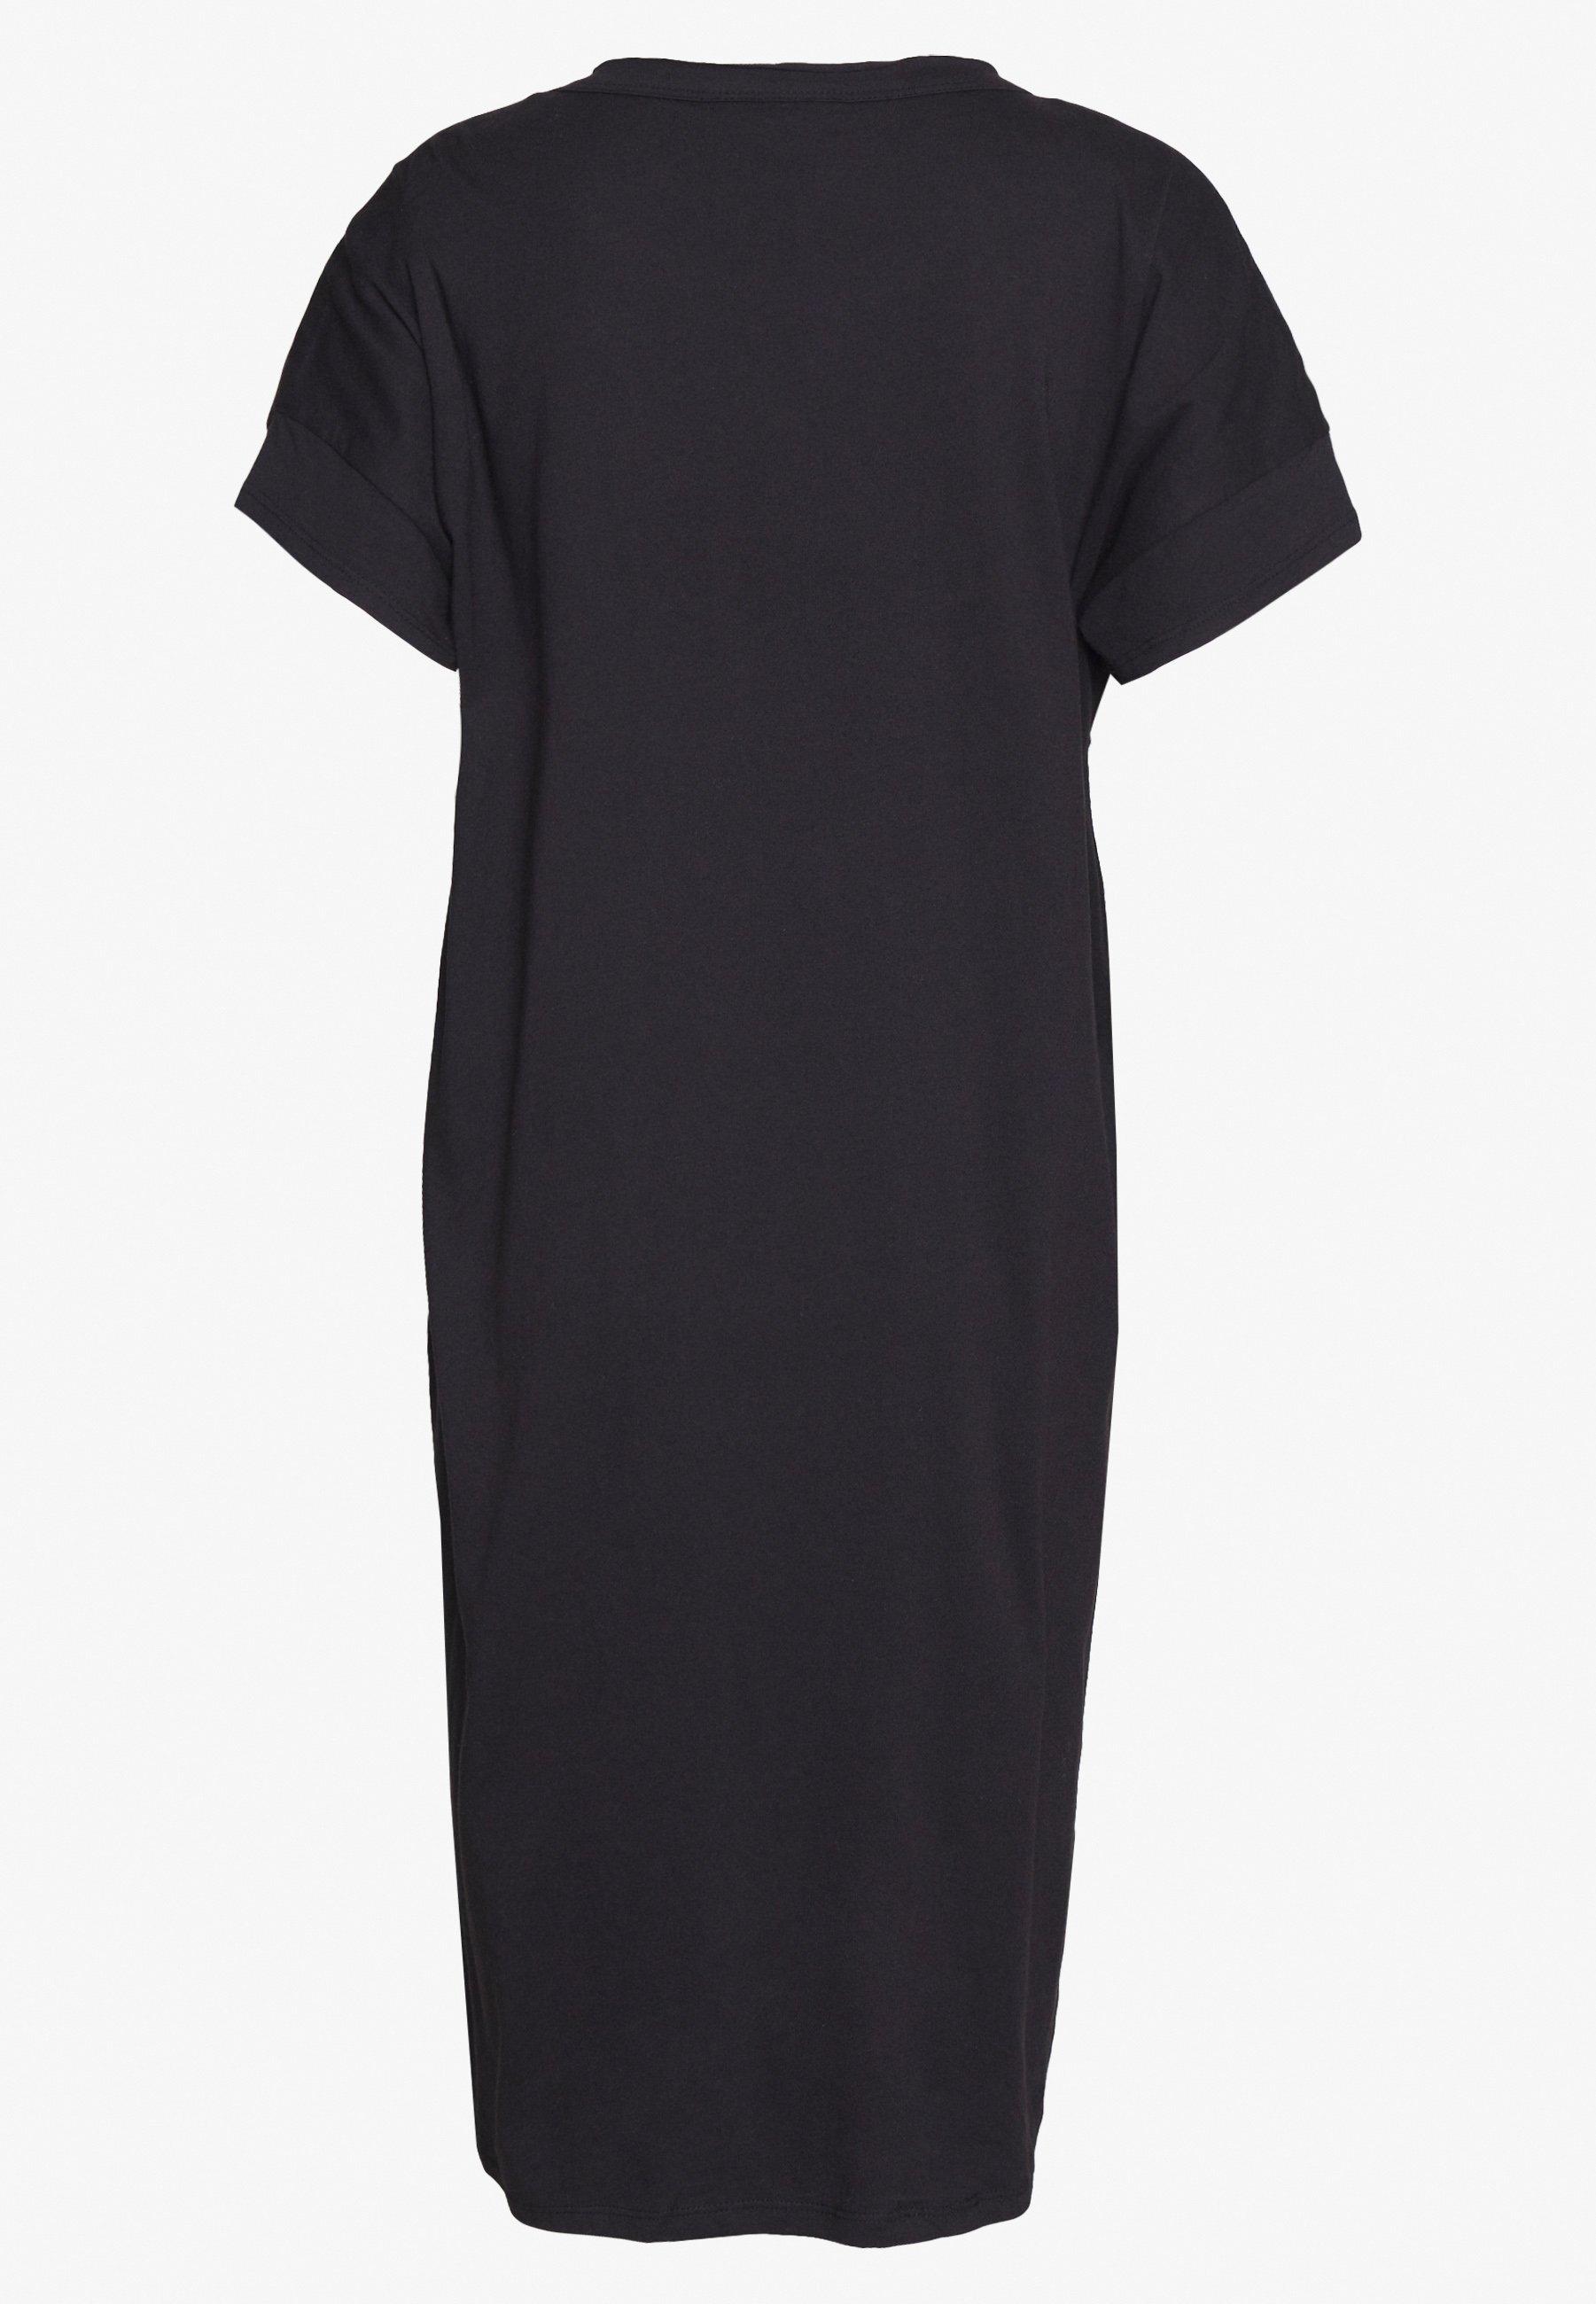 Dkny Logo Dress - Jerseykjoler Black/white